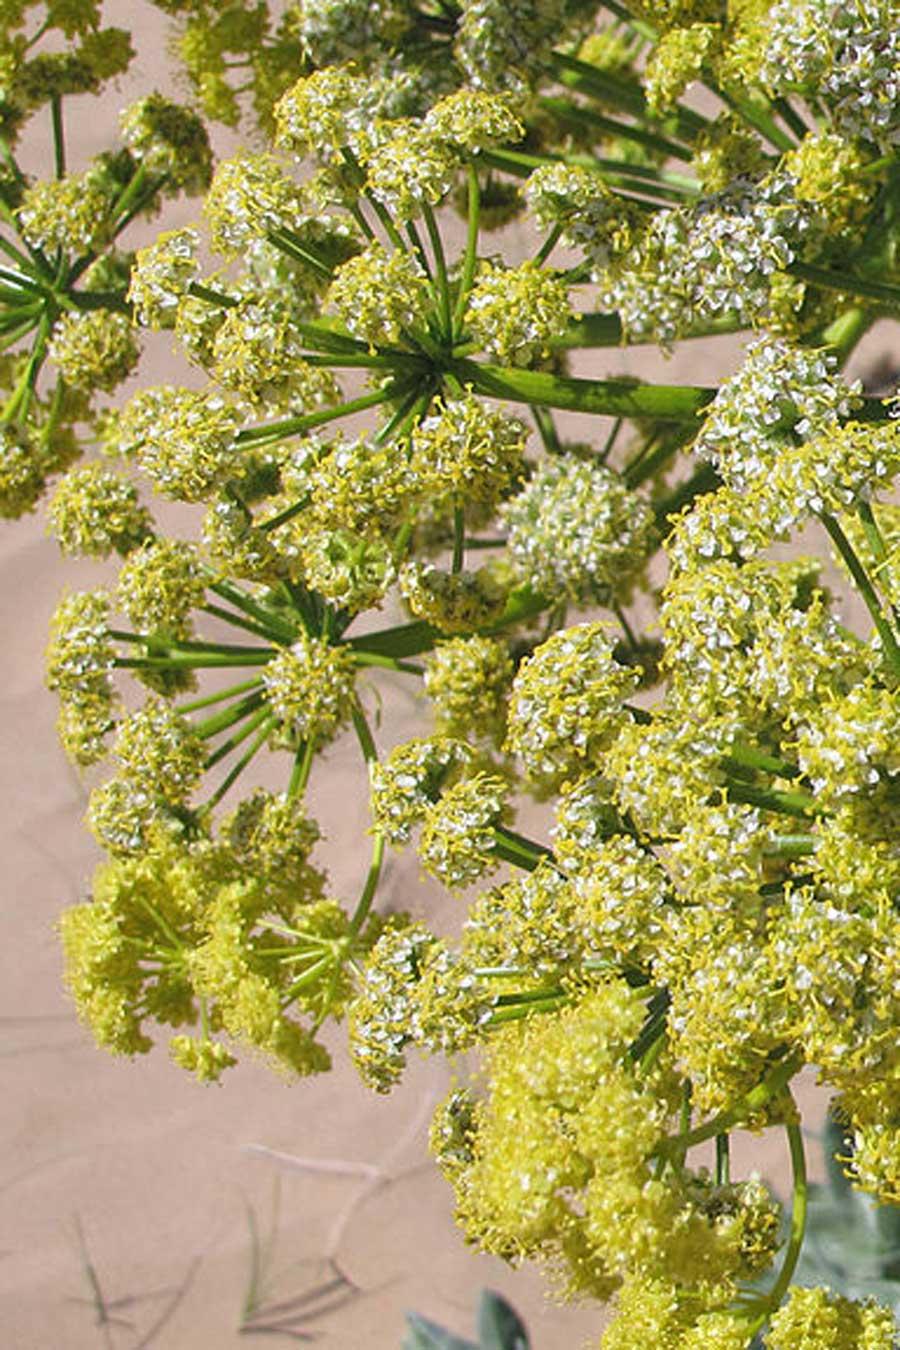 Plantes produisant de la résine d'ase fétide